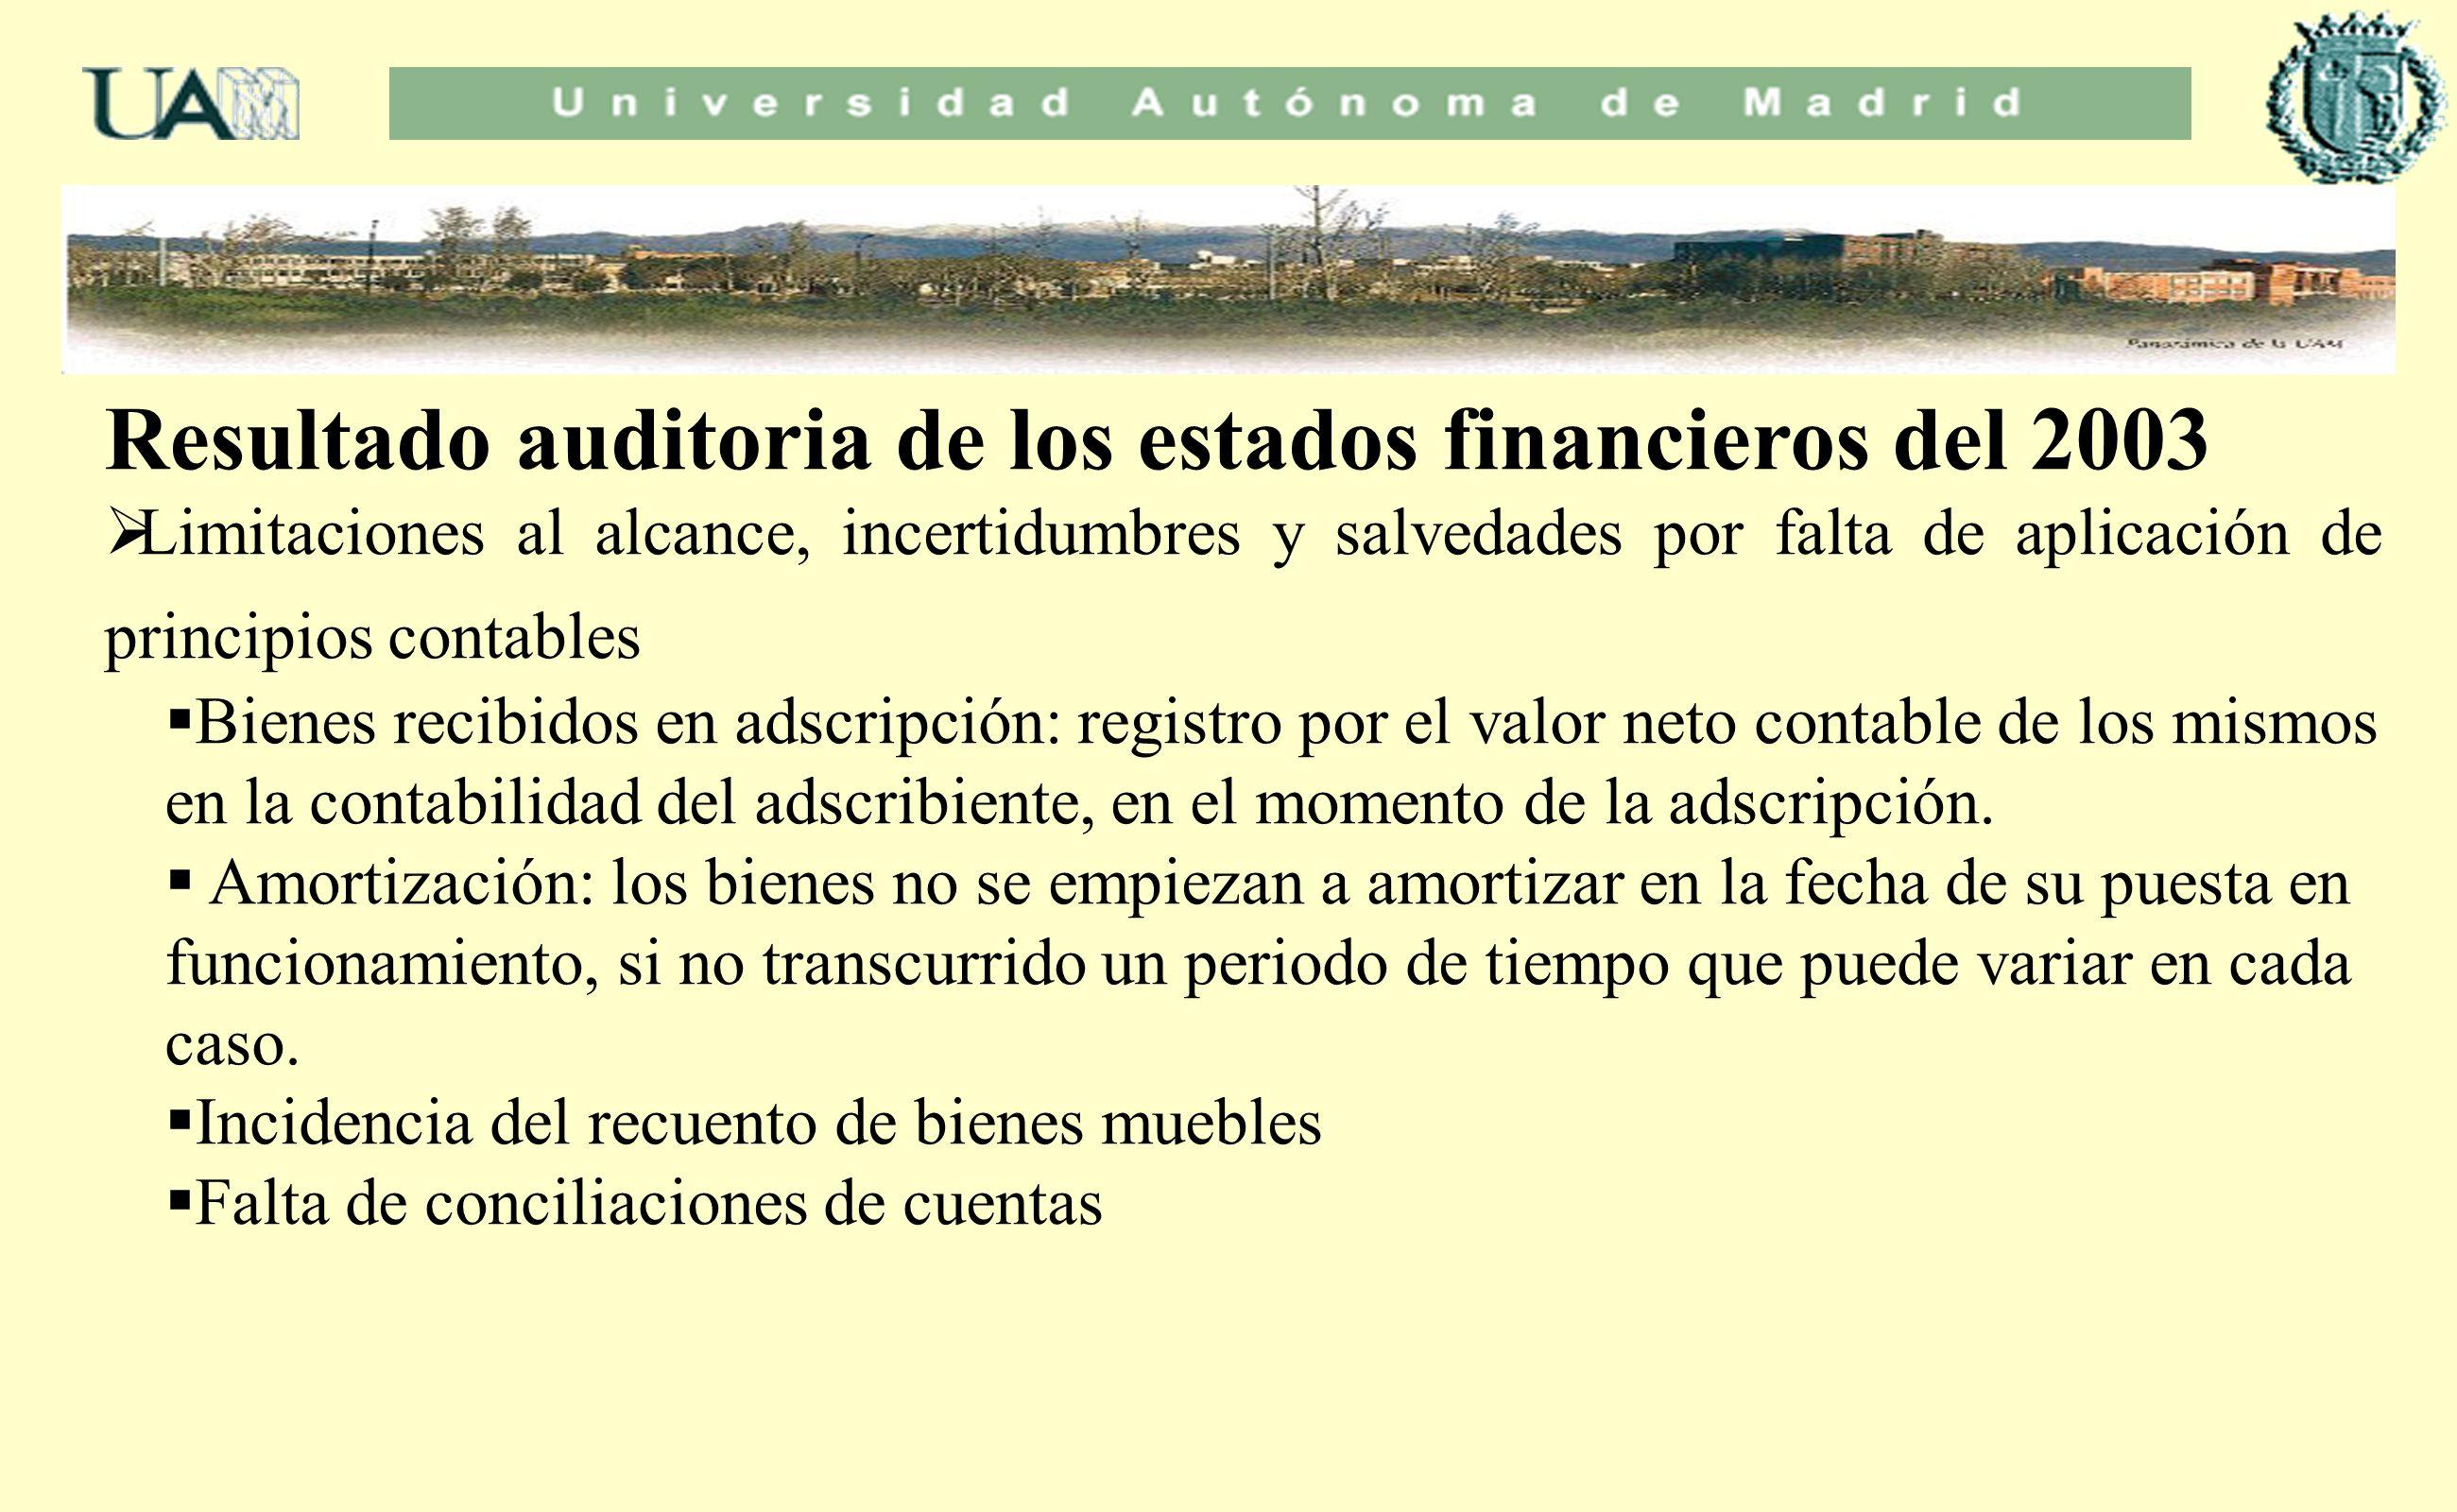 Resultado auditoria de los estados financieros del 2003 Limitaciones al alcance, incertidumbres y salvedades por falta de aplicación de principios con